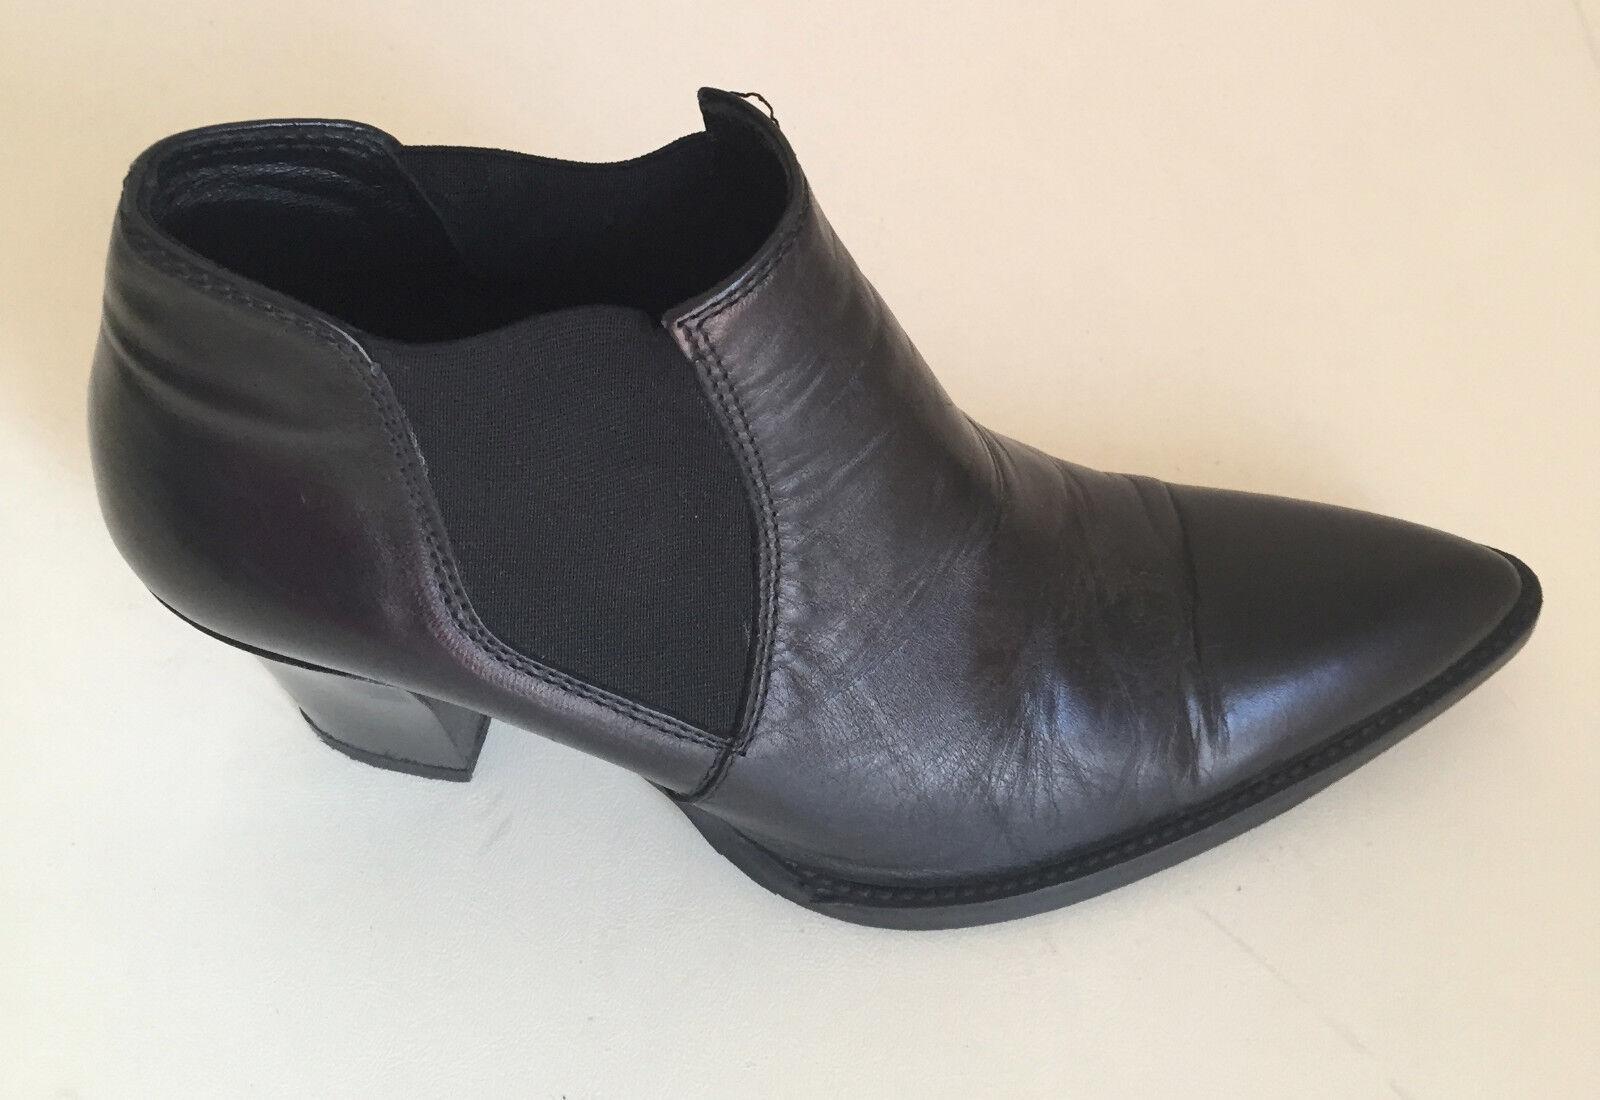 Le donne alla Caviglia in Pelle Nera DEIMILLE misura EU 36